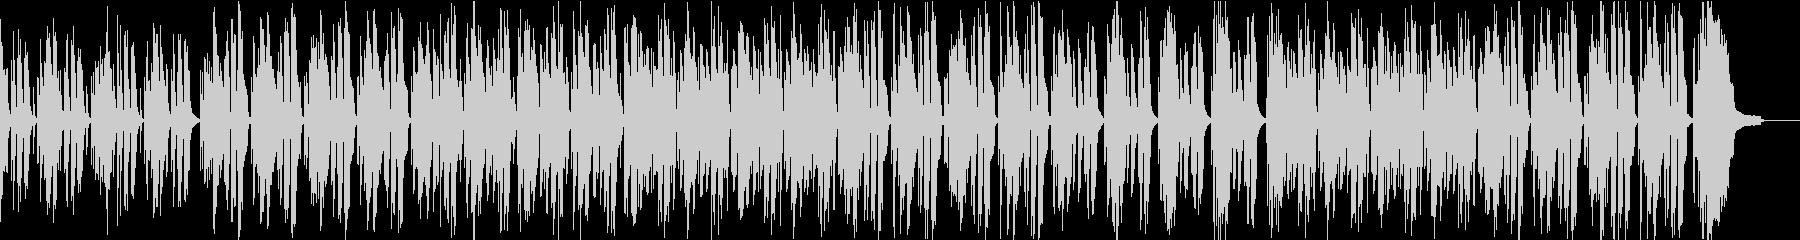 子供向け リコーダーのほのぼのとした曲の未再生の波形